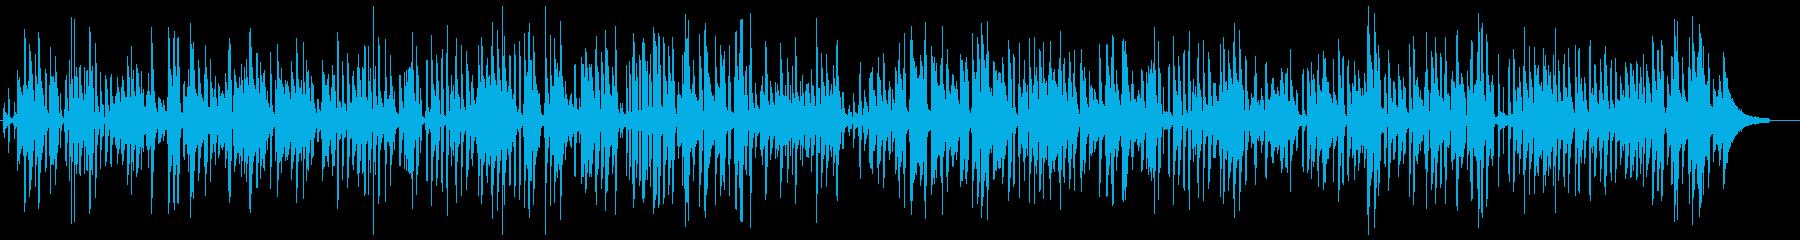 ソフトなアコースティックピアノジャズの再生済みの波形